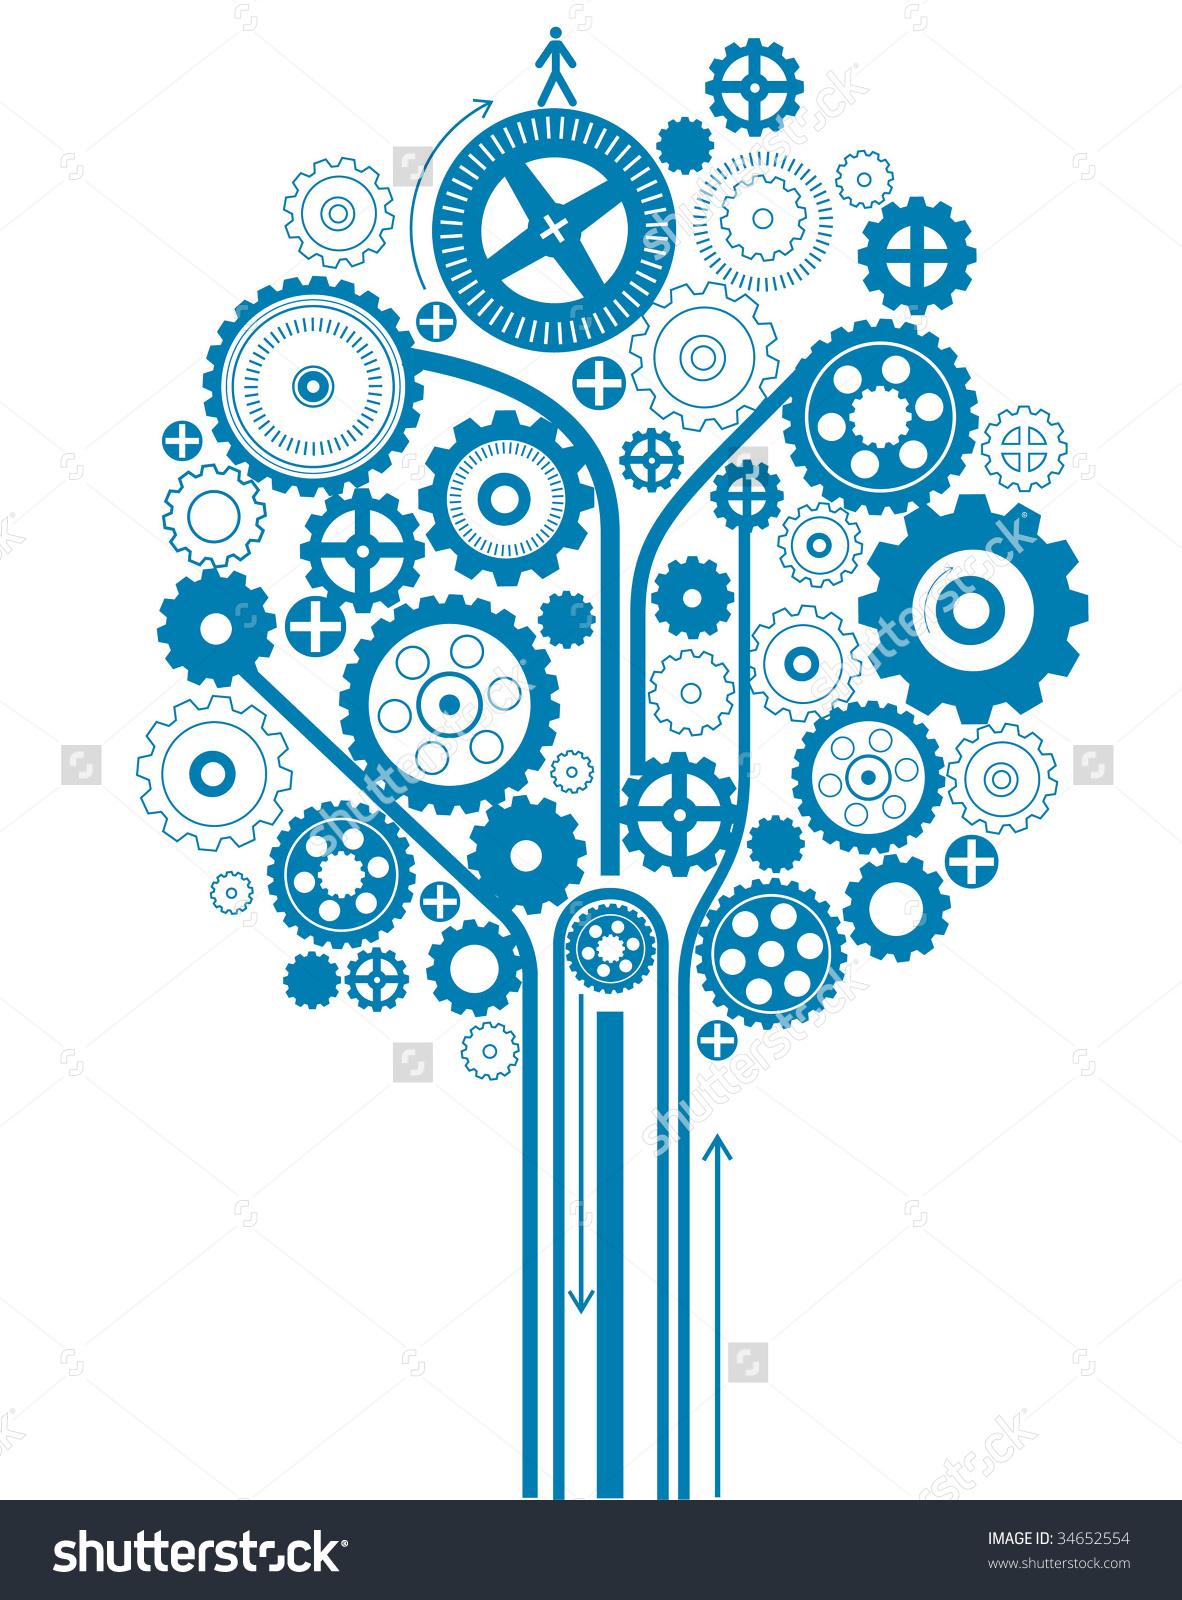 Gear Tree Stock Vector Illustration 34652554 : Shutterstock.